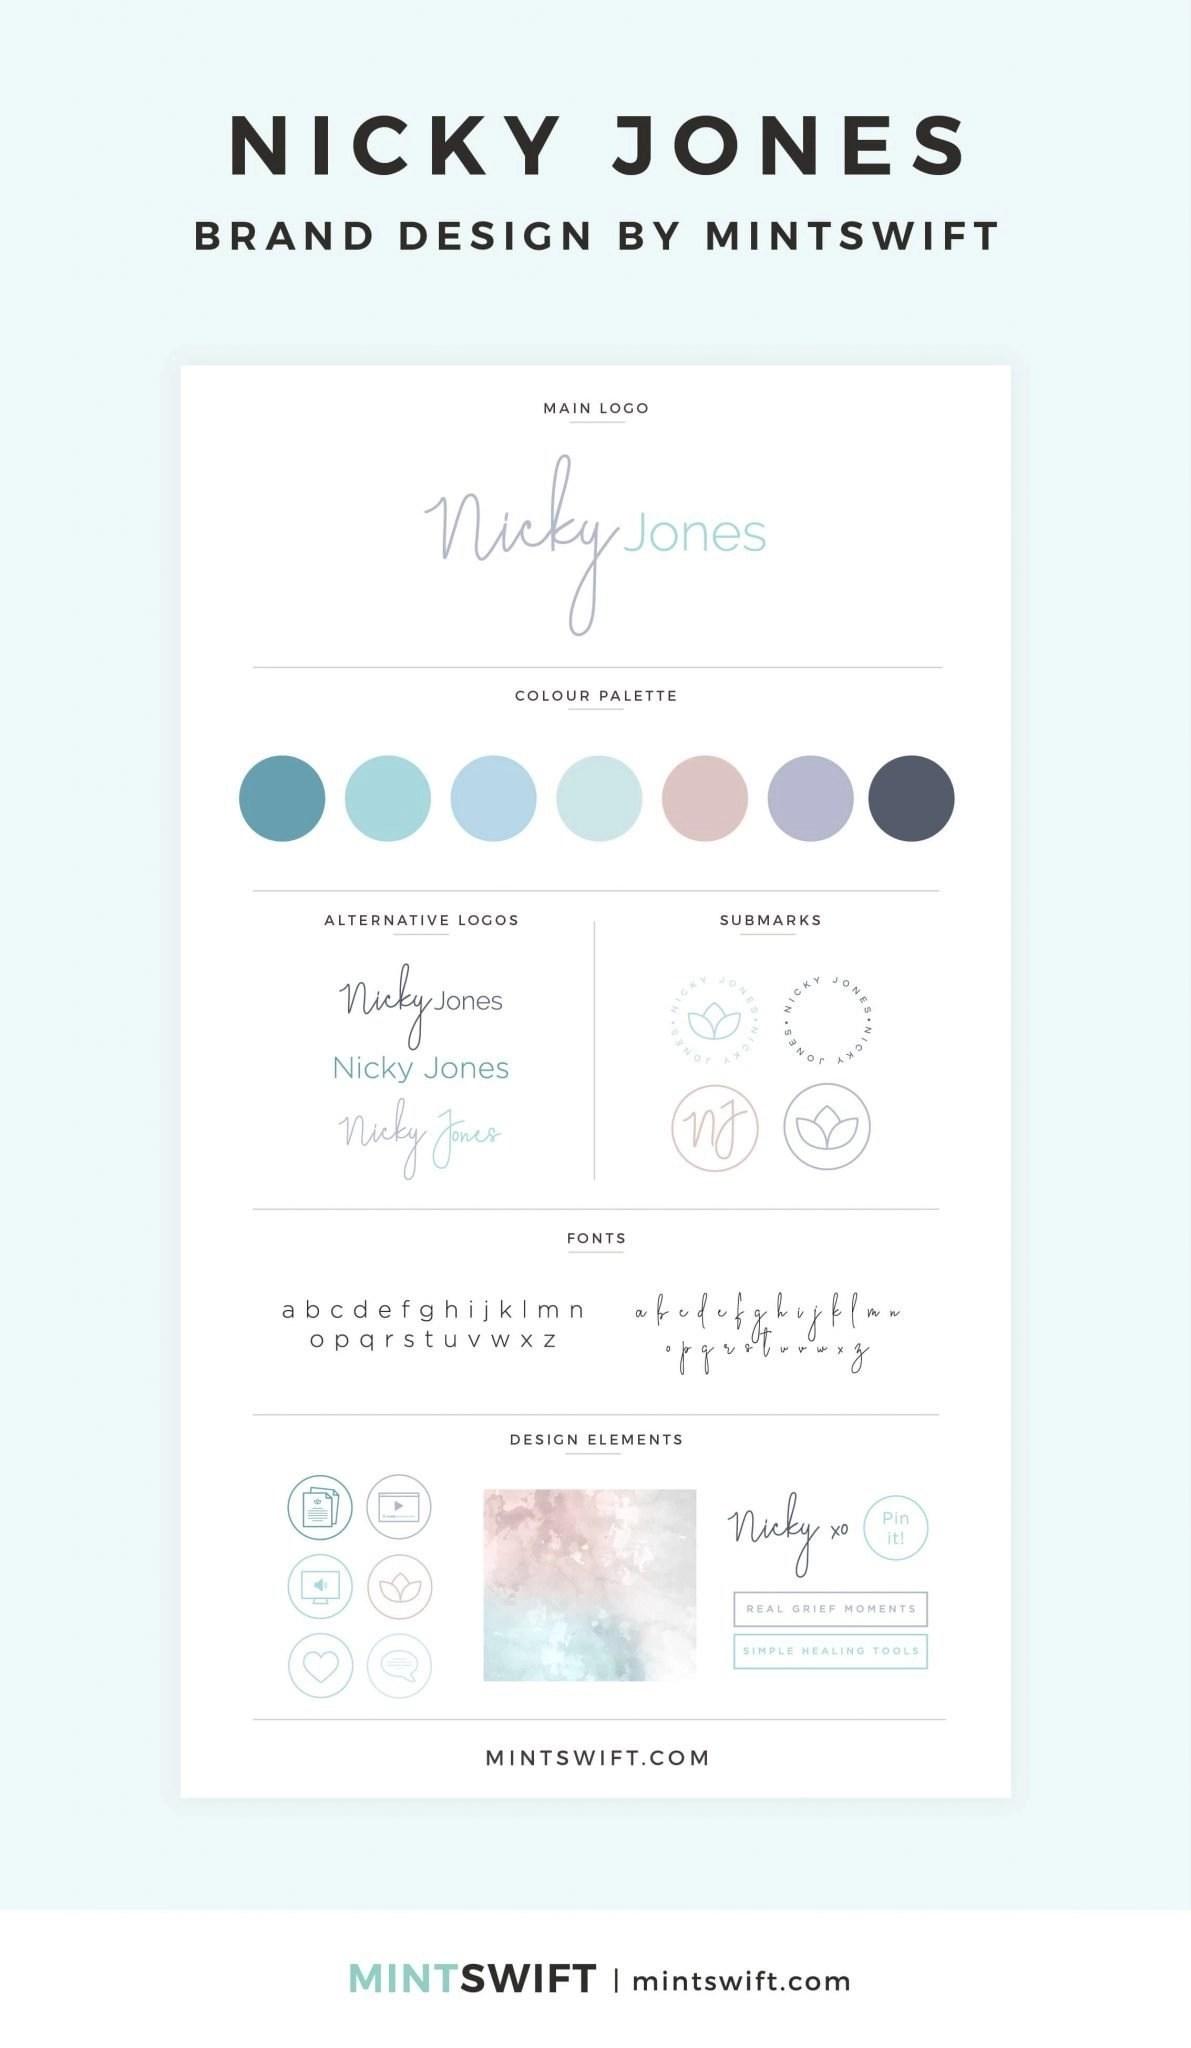 Nicky Jones - Brand Design - MintSwift - Adrianna Leszczynska